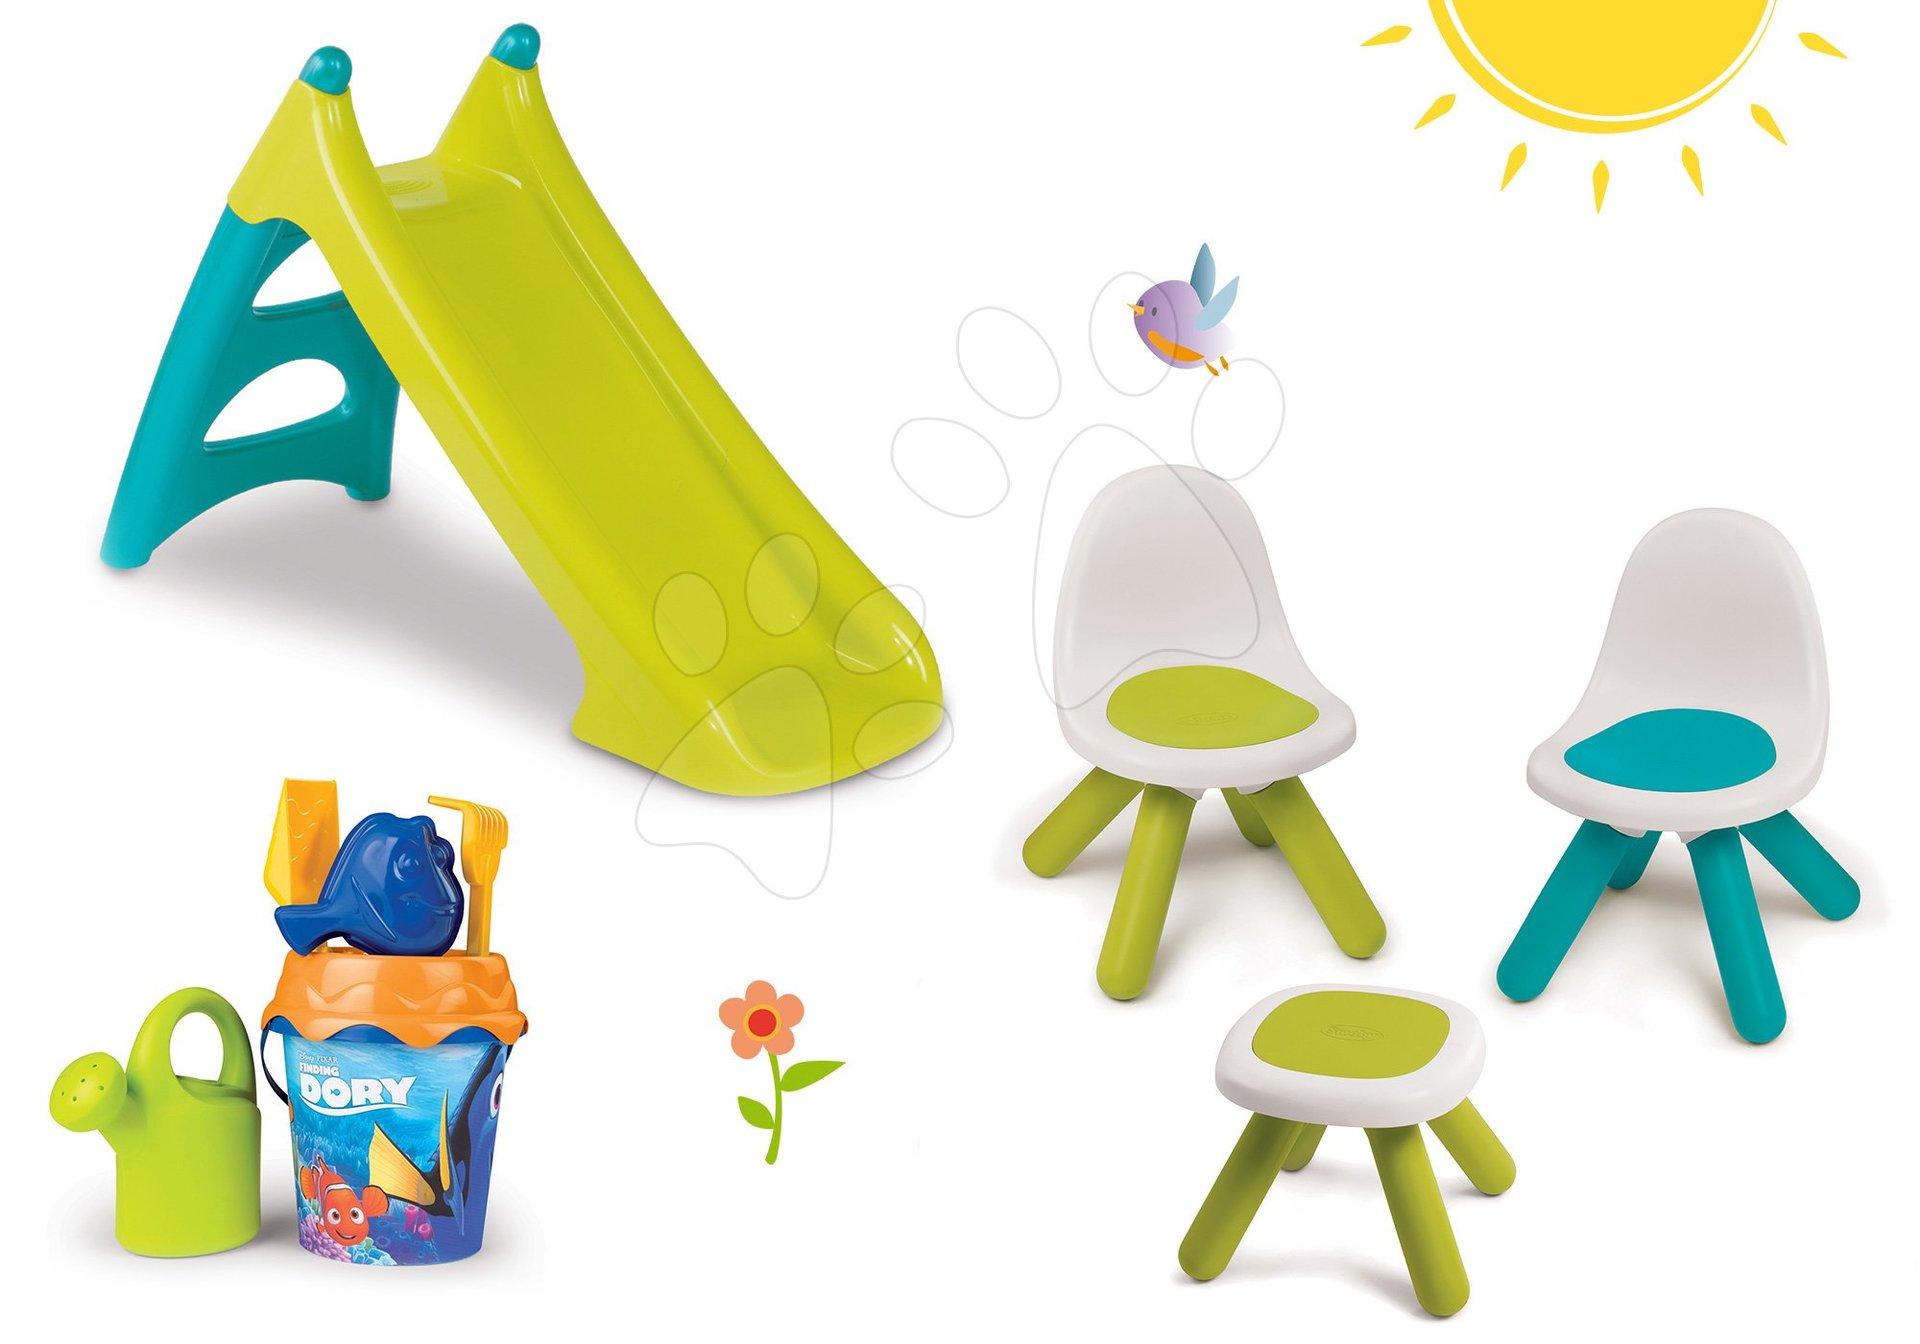 Smoby dětský stůl Kidstool, židle KidChair a skluzavka Toboggan XS s kbelík setem 880200B-3